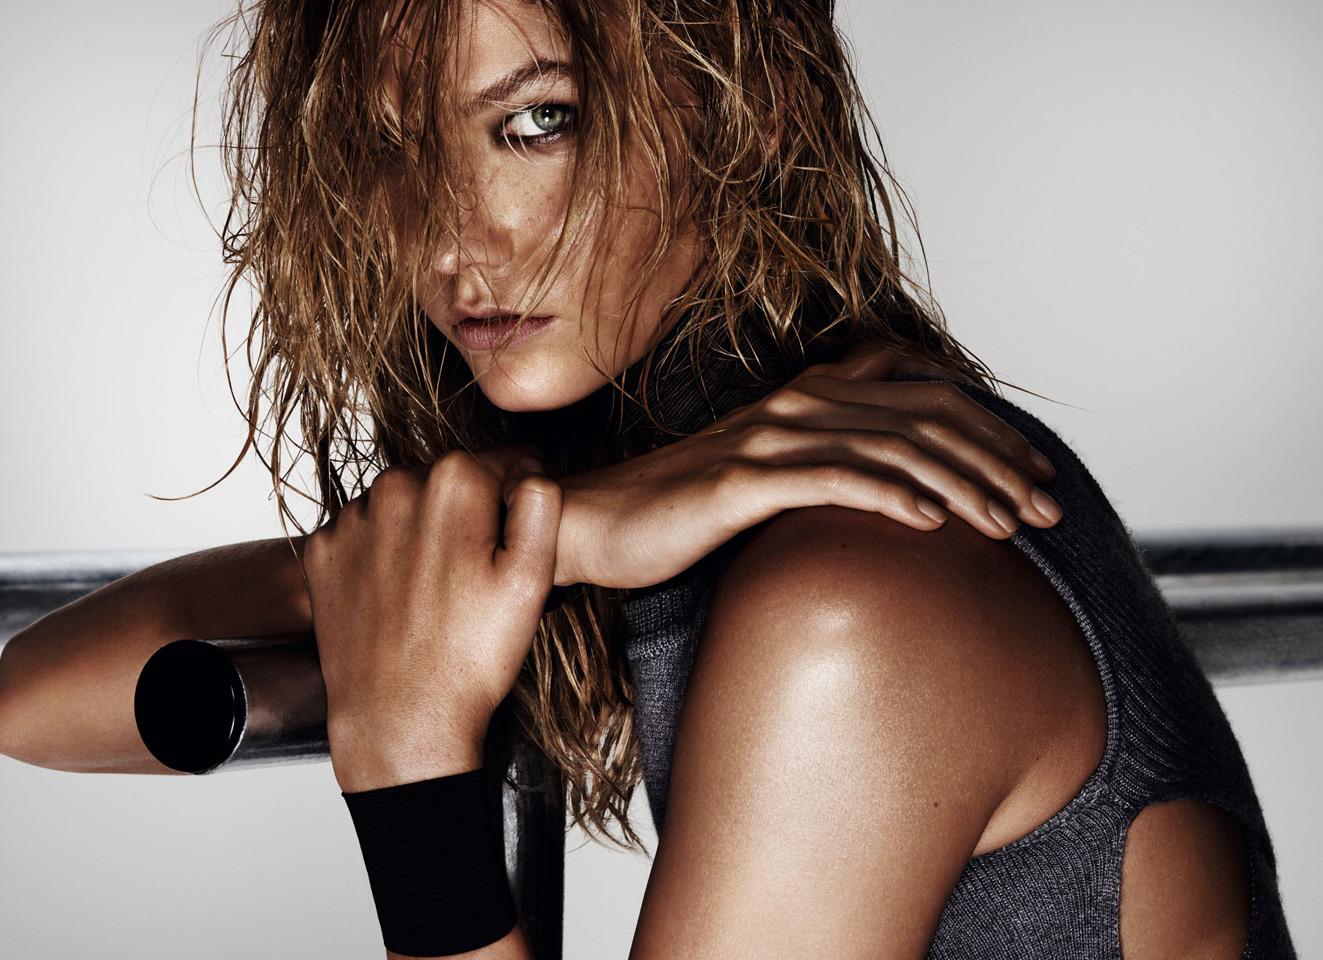 Супермодель Карли Клосс в фотосессии для Vogue (10 фото)